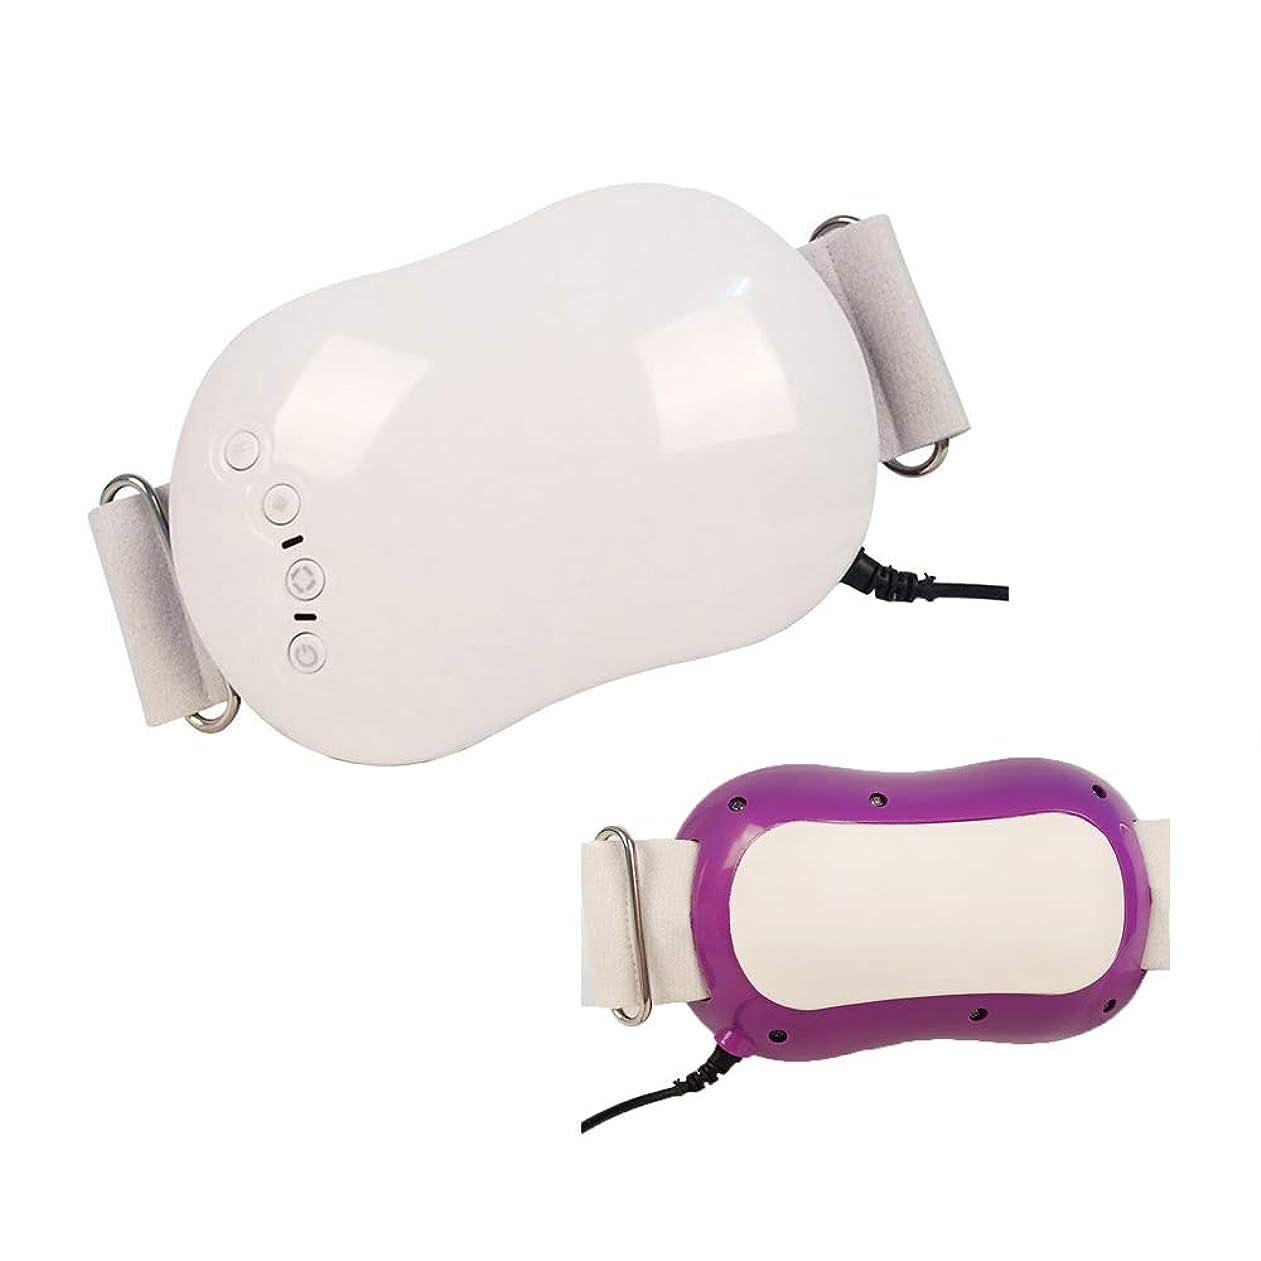 牛補体マイクロウエストマッサージベルト、ボディ痩身マッサージャー電気バイブレーター体脂肪バーナー腹脂肪燃焼マッサージデバイス,Purple